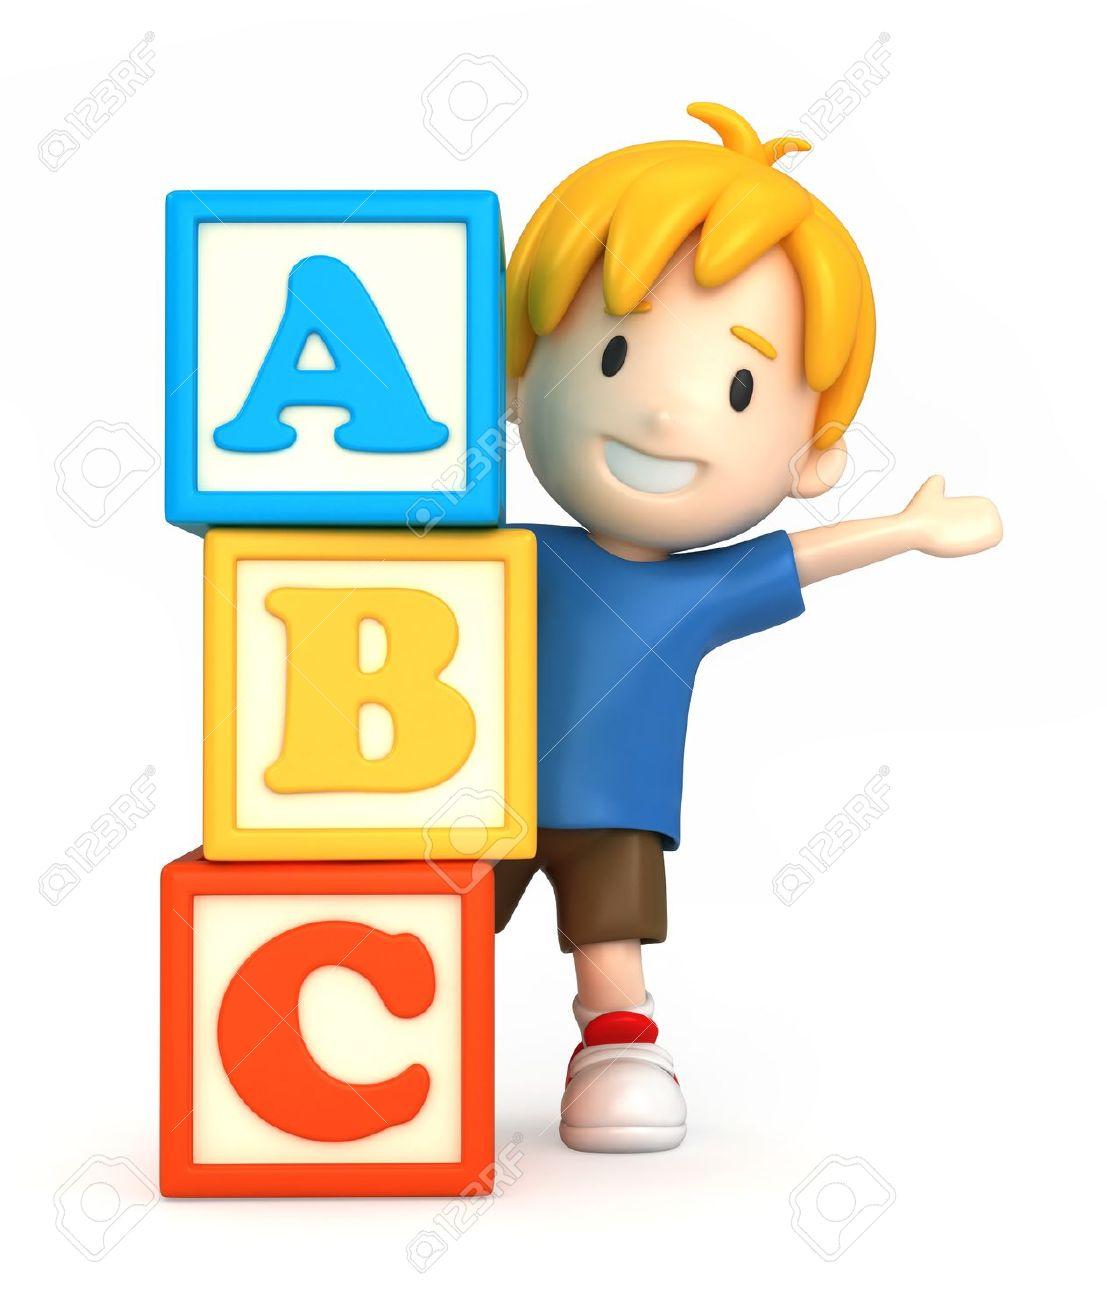 Alphabet letter building clipart clip download Alphabet letter building clipart - ClipartFox clip download